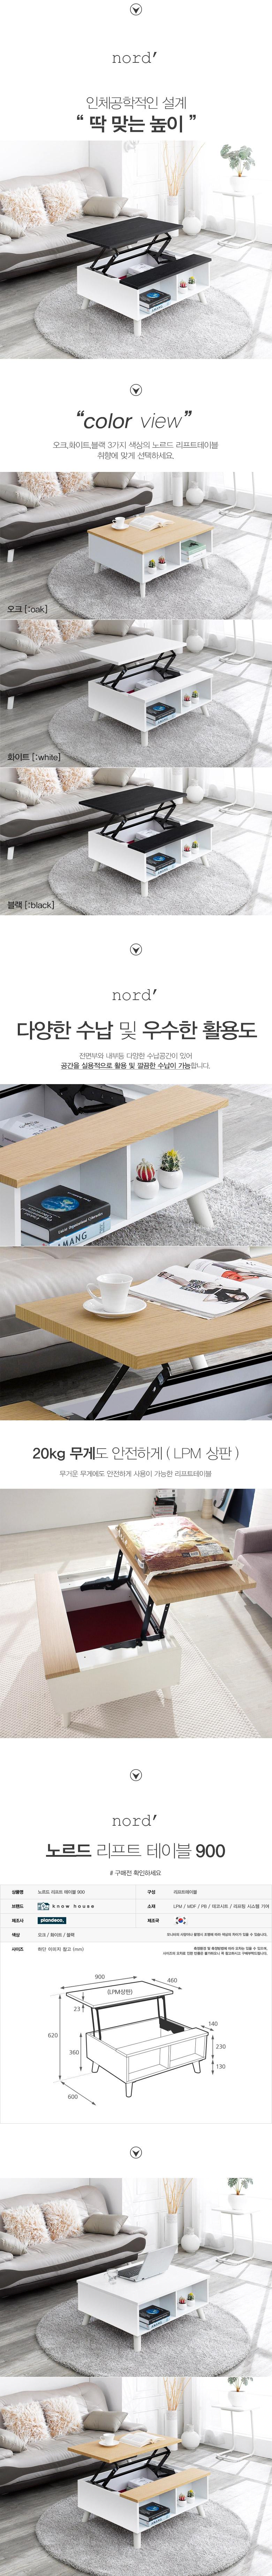 노르드 LPM 리프트 테이블 900 - 노하우, 145,080원, 거실 테이블, 소파테이블